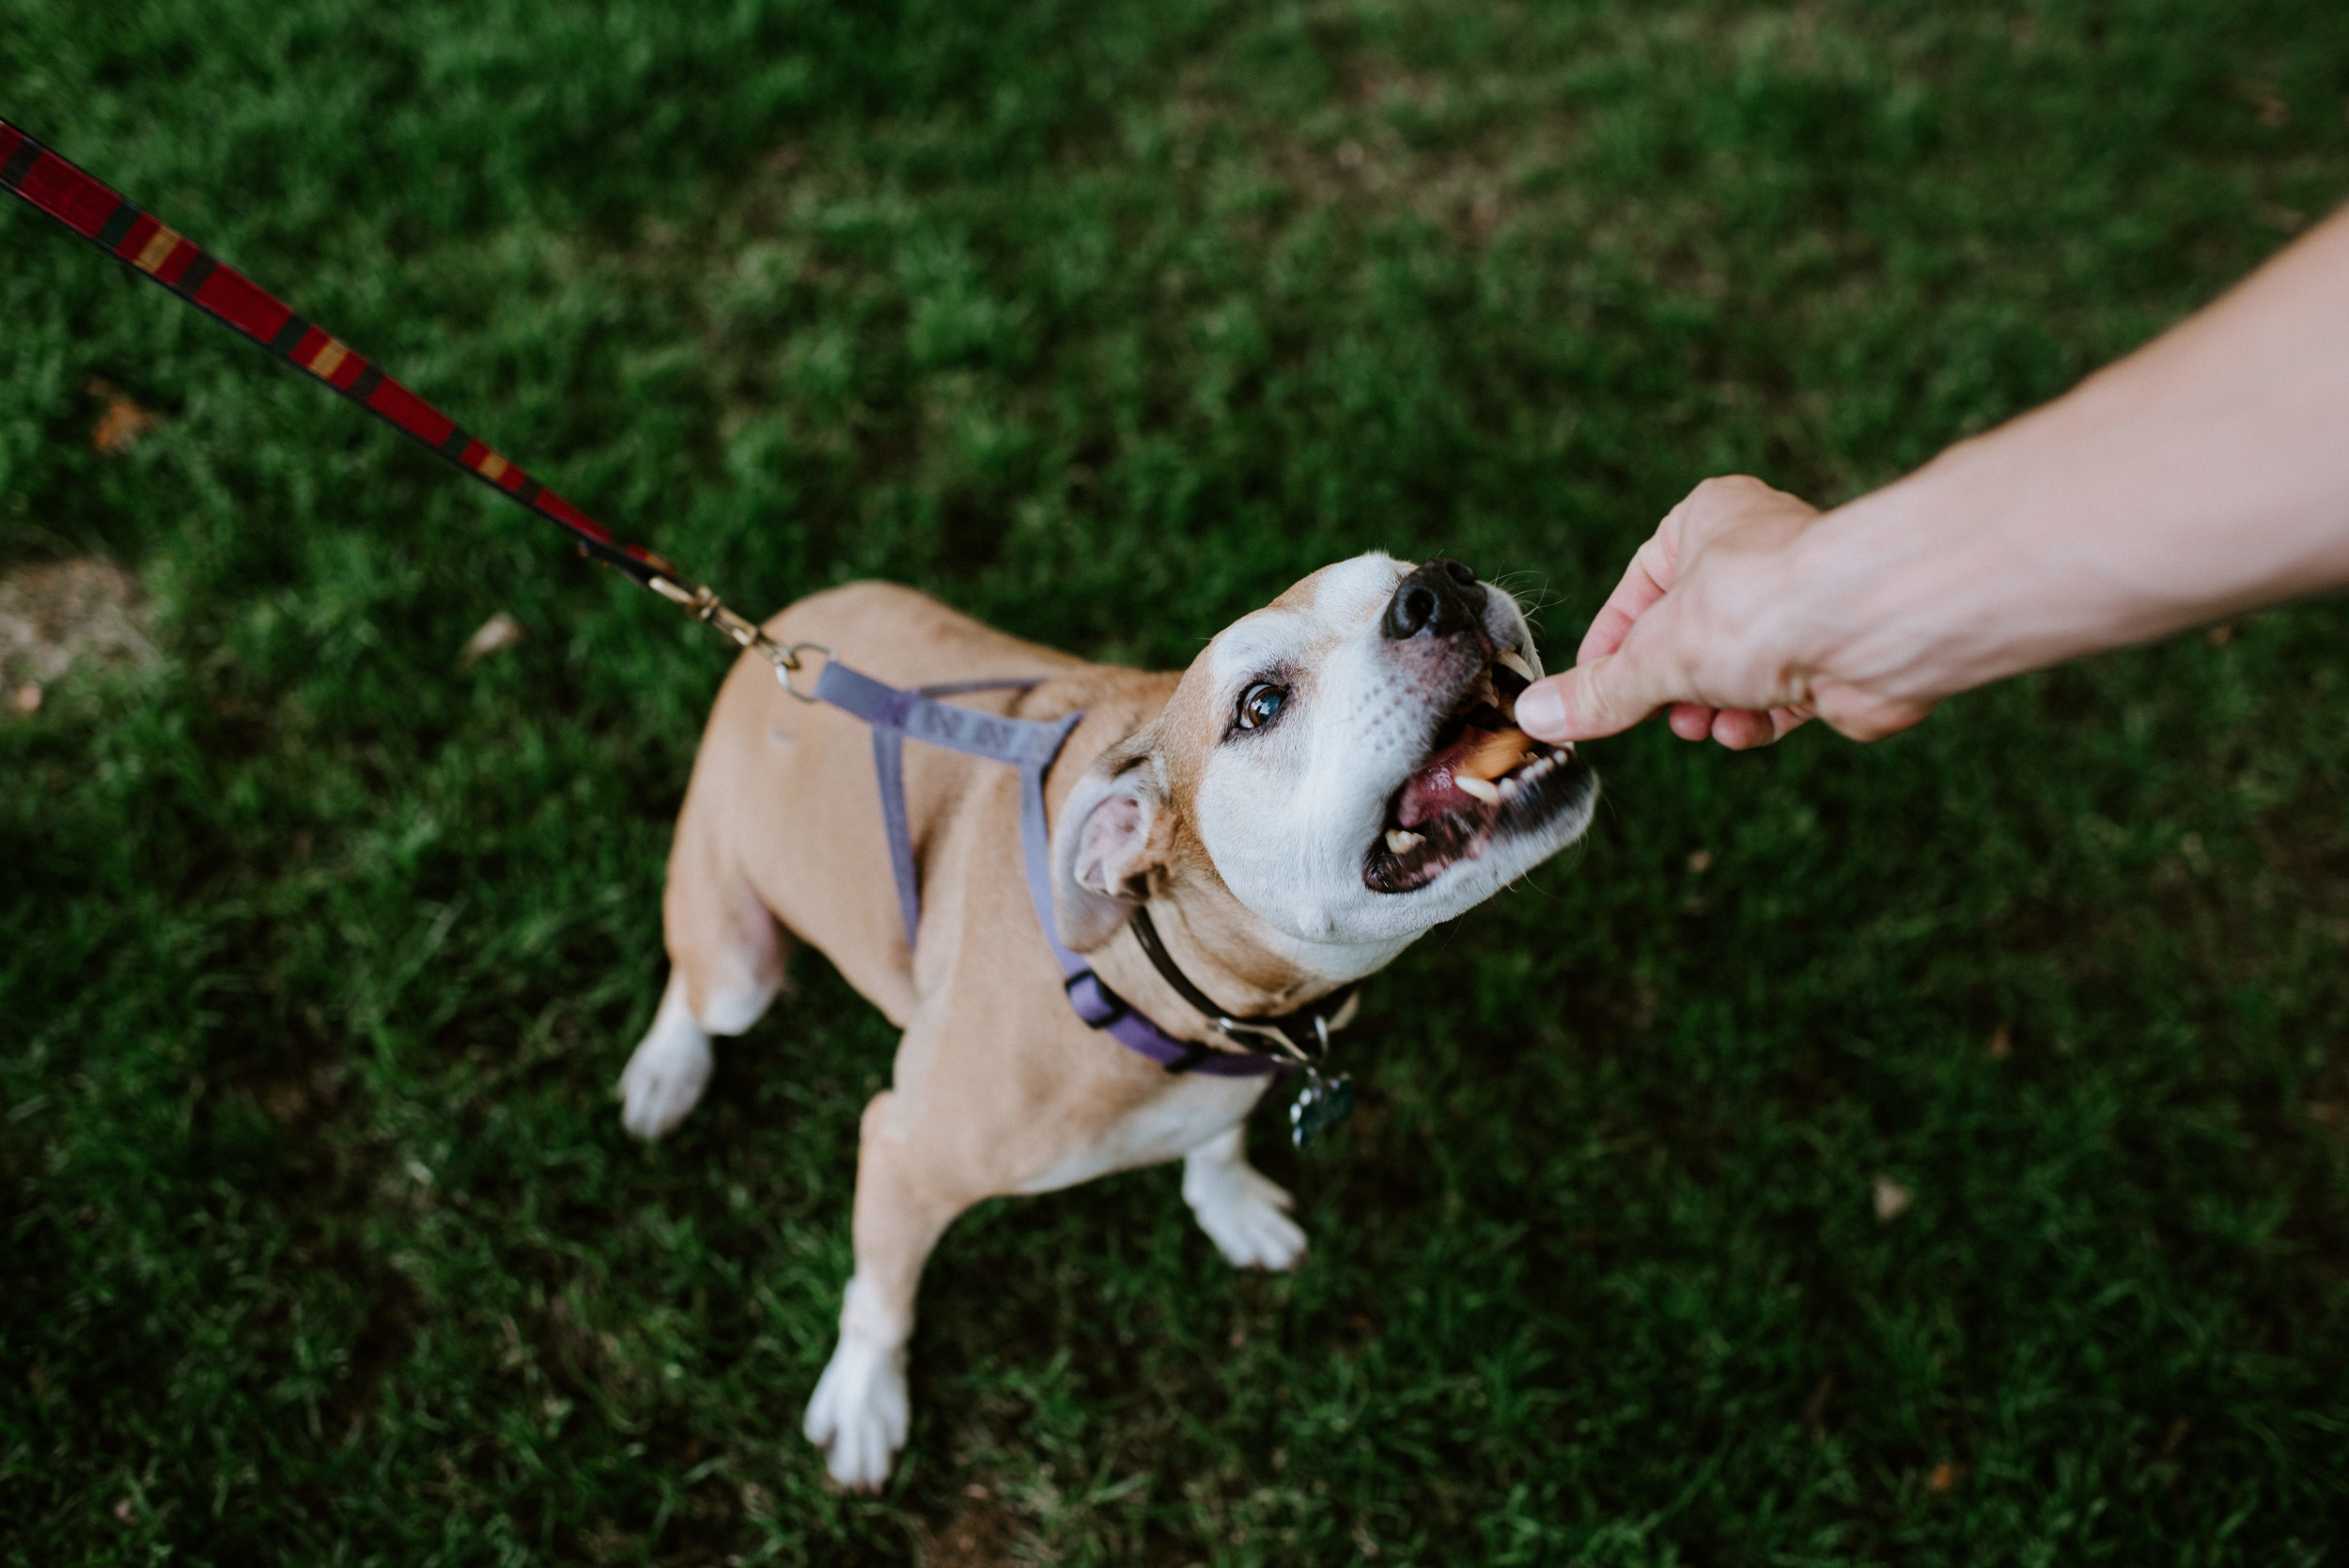 tips-bringing-dog-engagement-photo-session